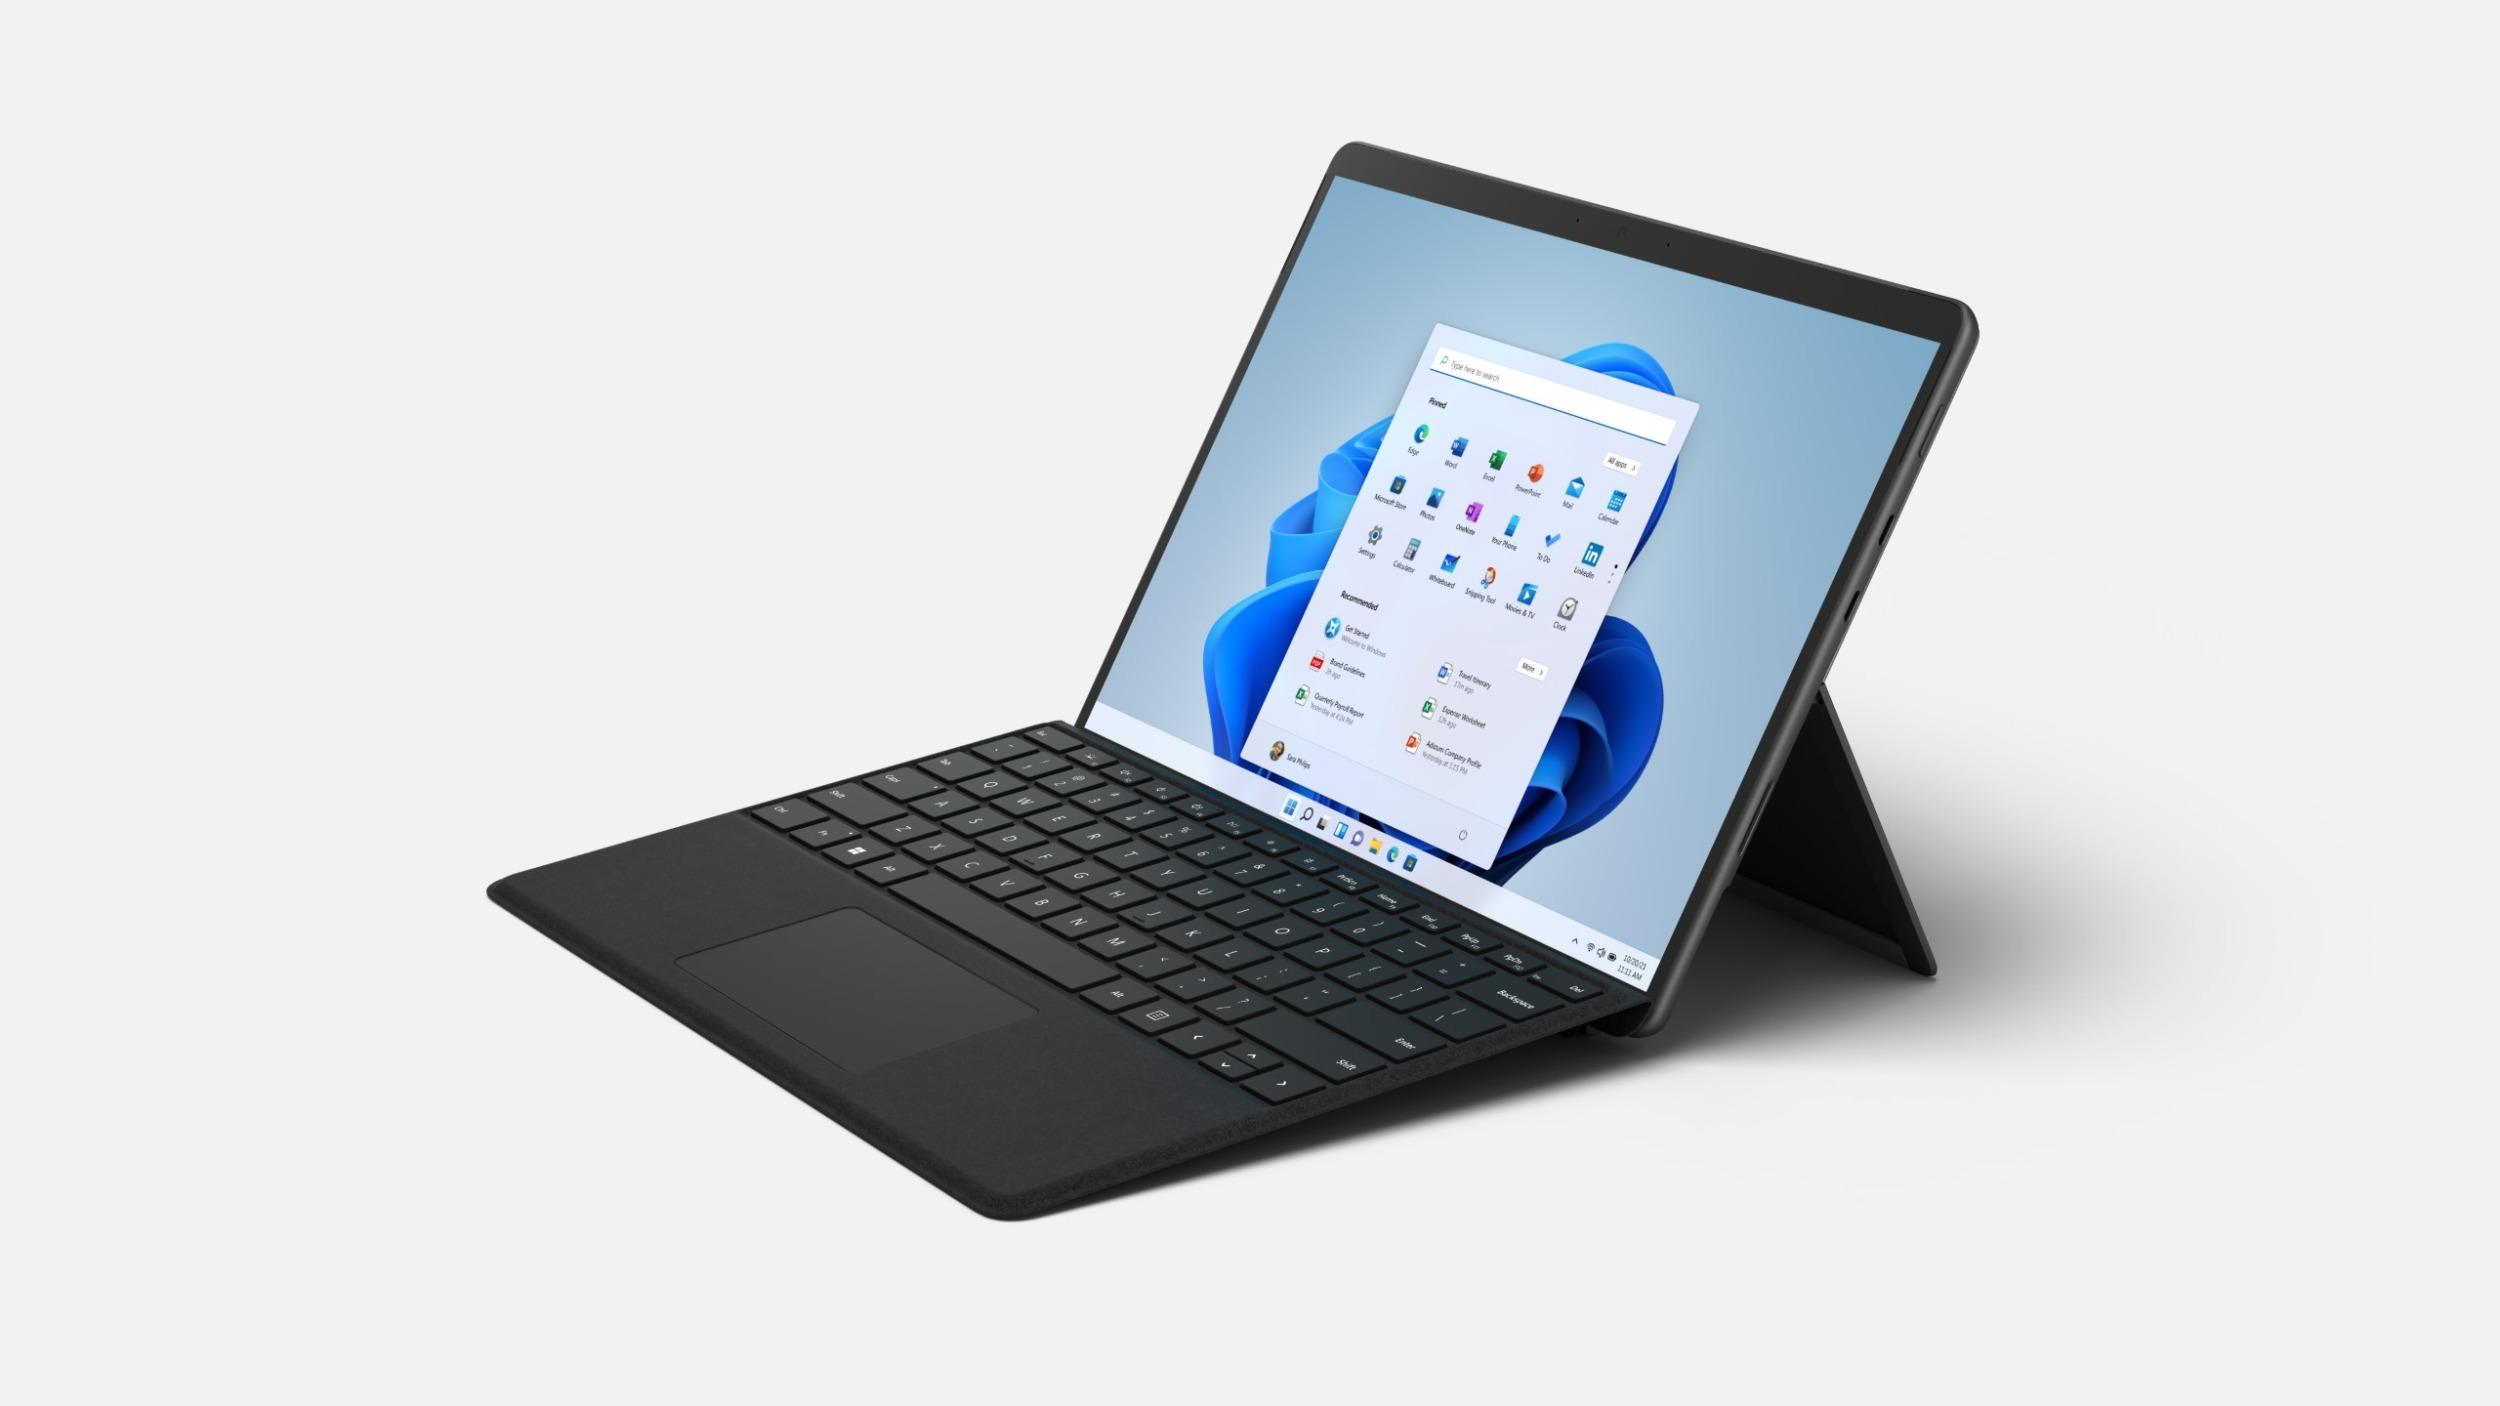 Nový Microsoft Surface Pro 8 láká na 120Hz displej, Thunderbolt 4 a výkonný hardware